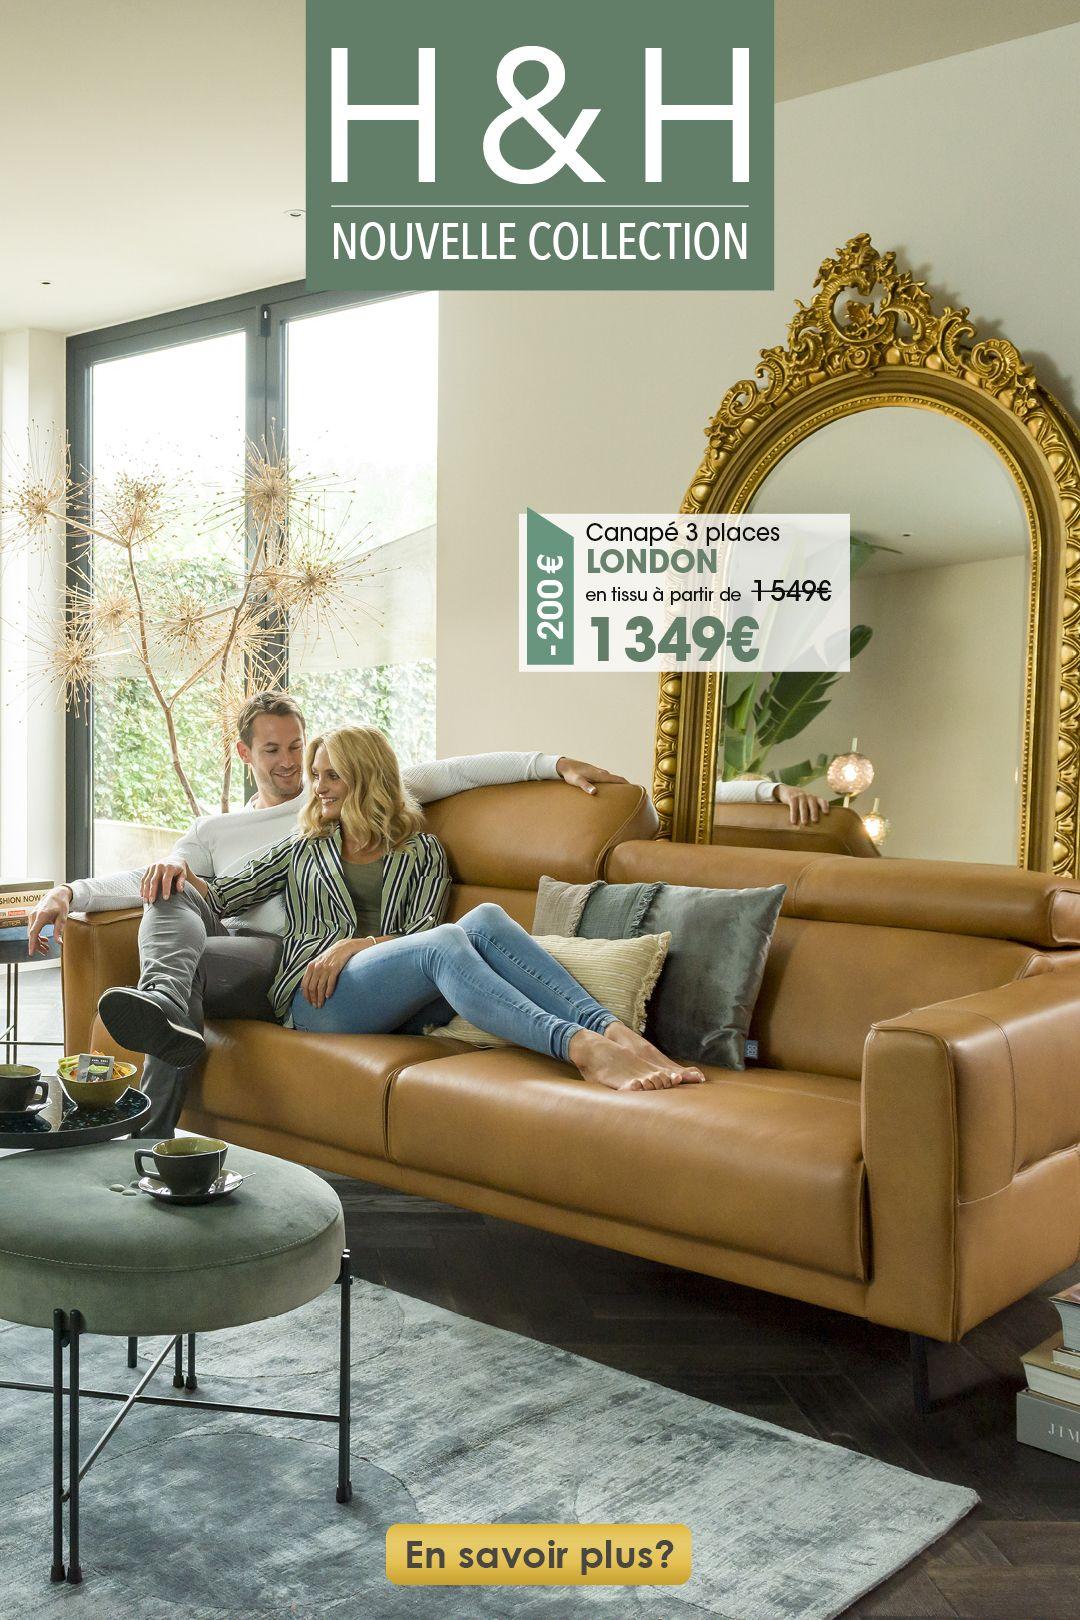 Decouvrez La Nouvelle Collection En 2020 Nouvelle Collection Mobilier De Salon Canape 3 Places